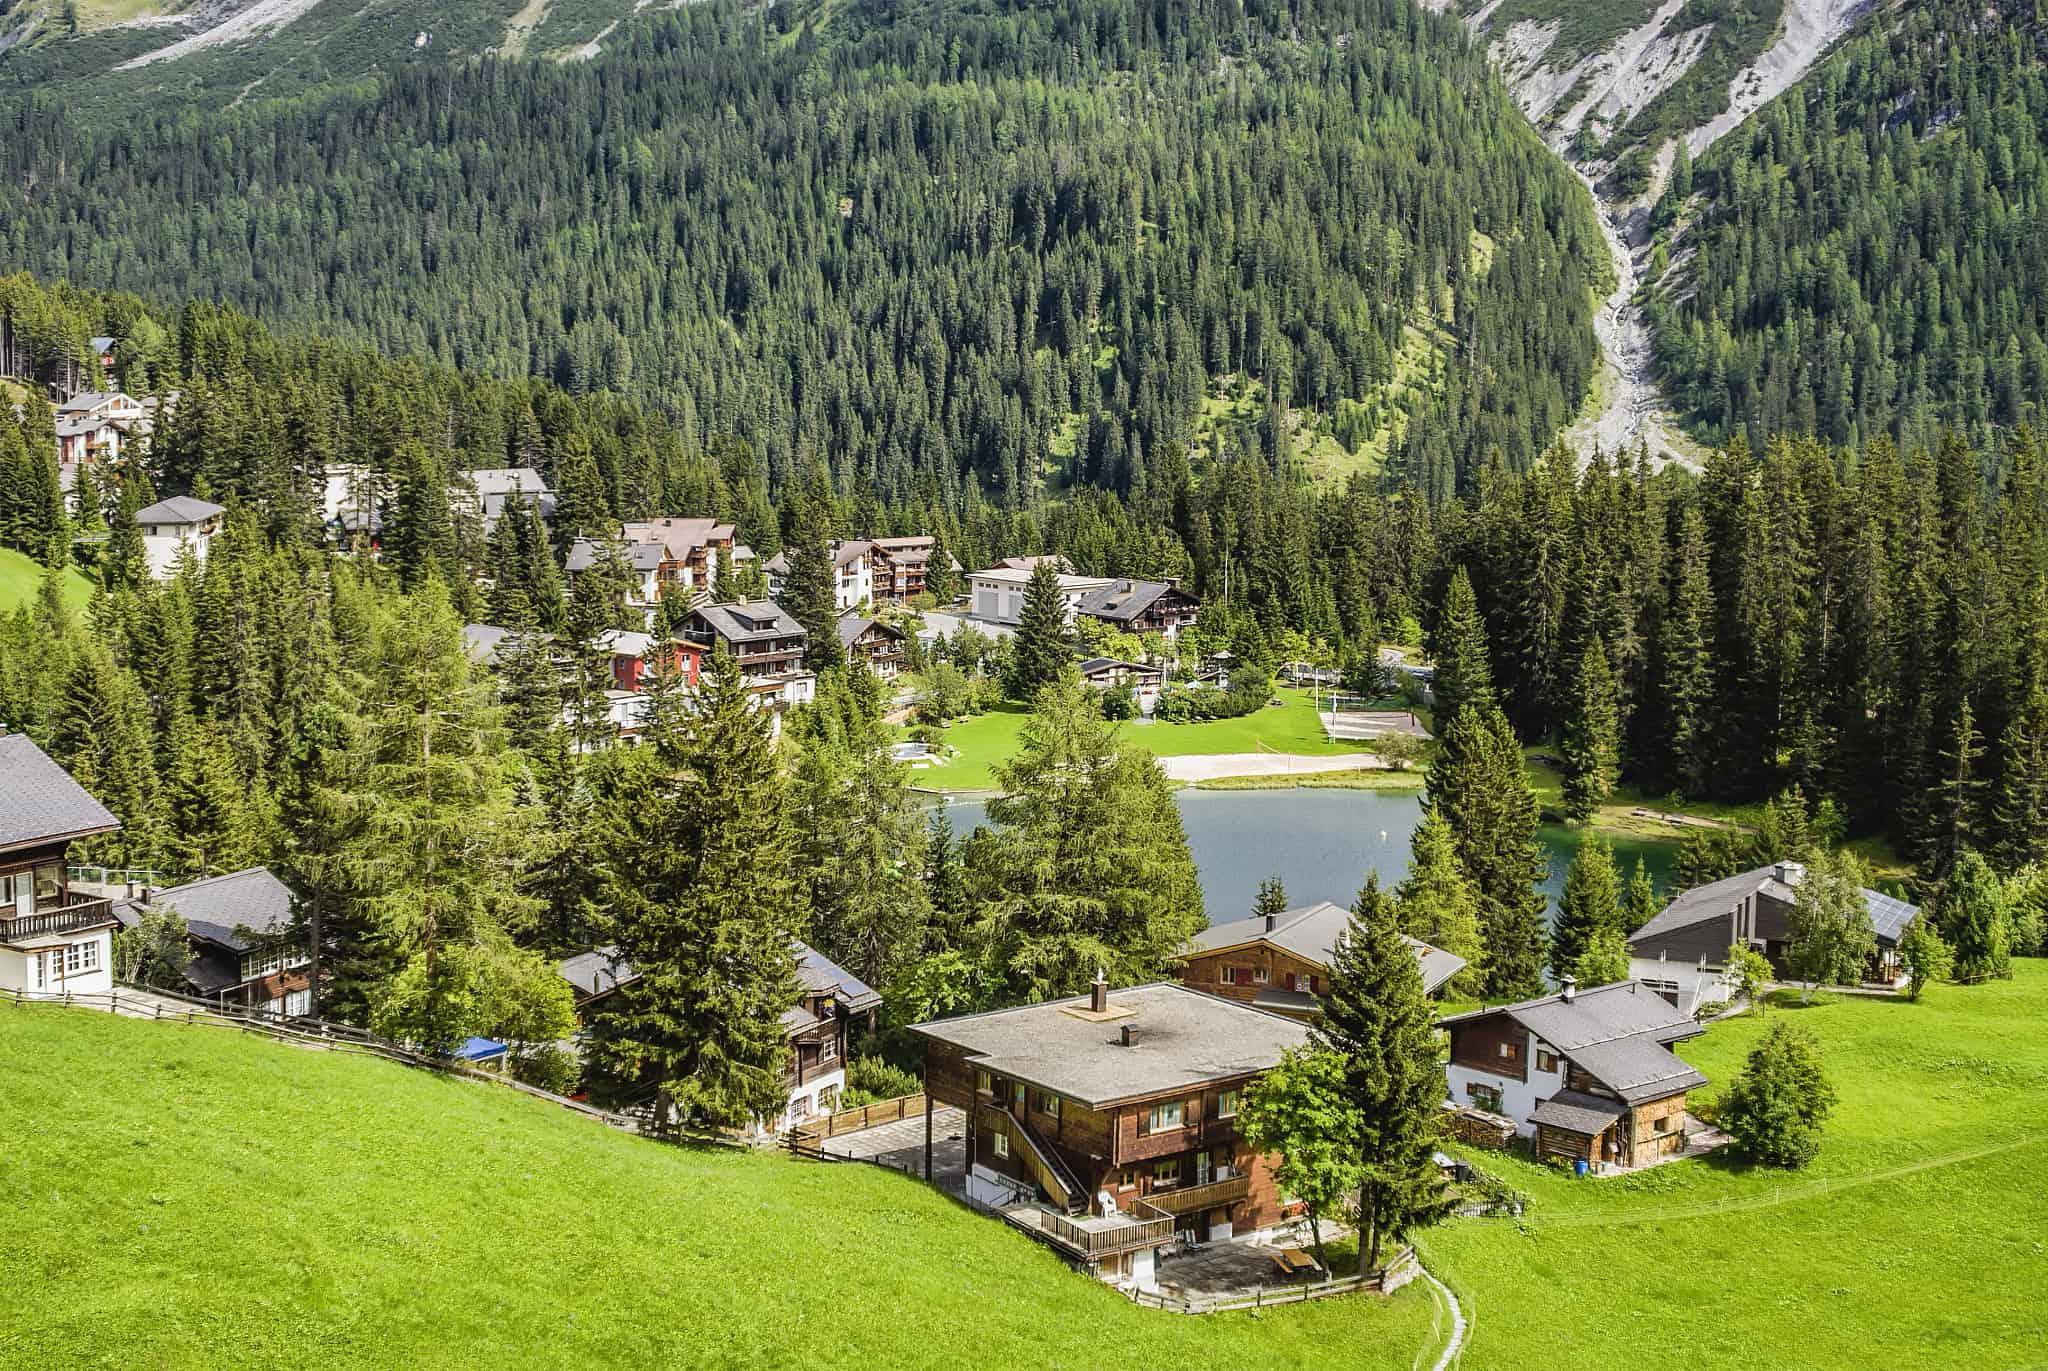 מבט על ארוזה, שווייץ, בקיץ (צילום: Olaf Protze/LightRocket באמצעות Getty Images)